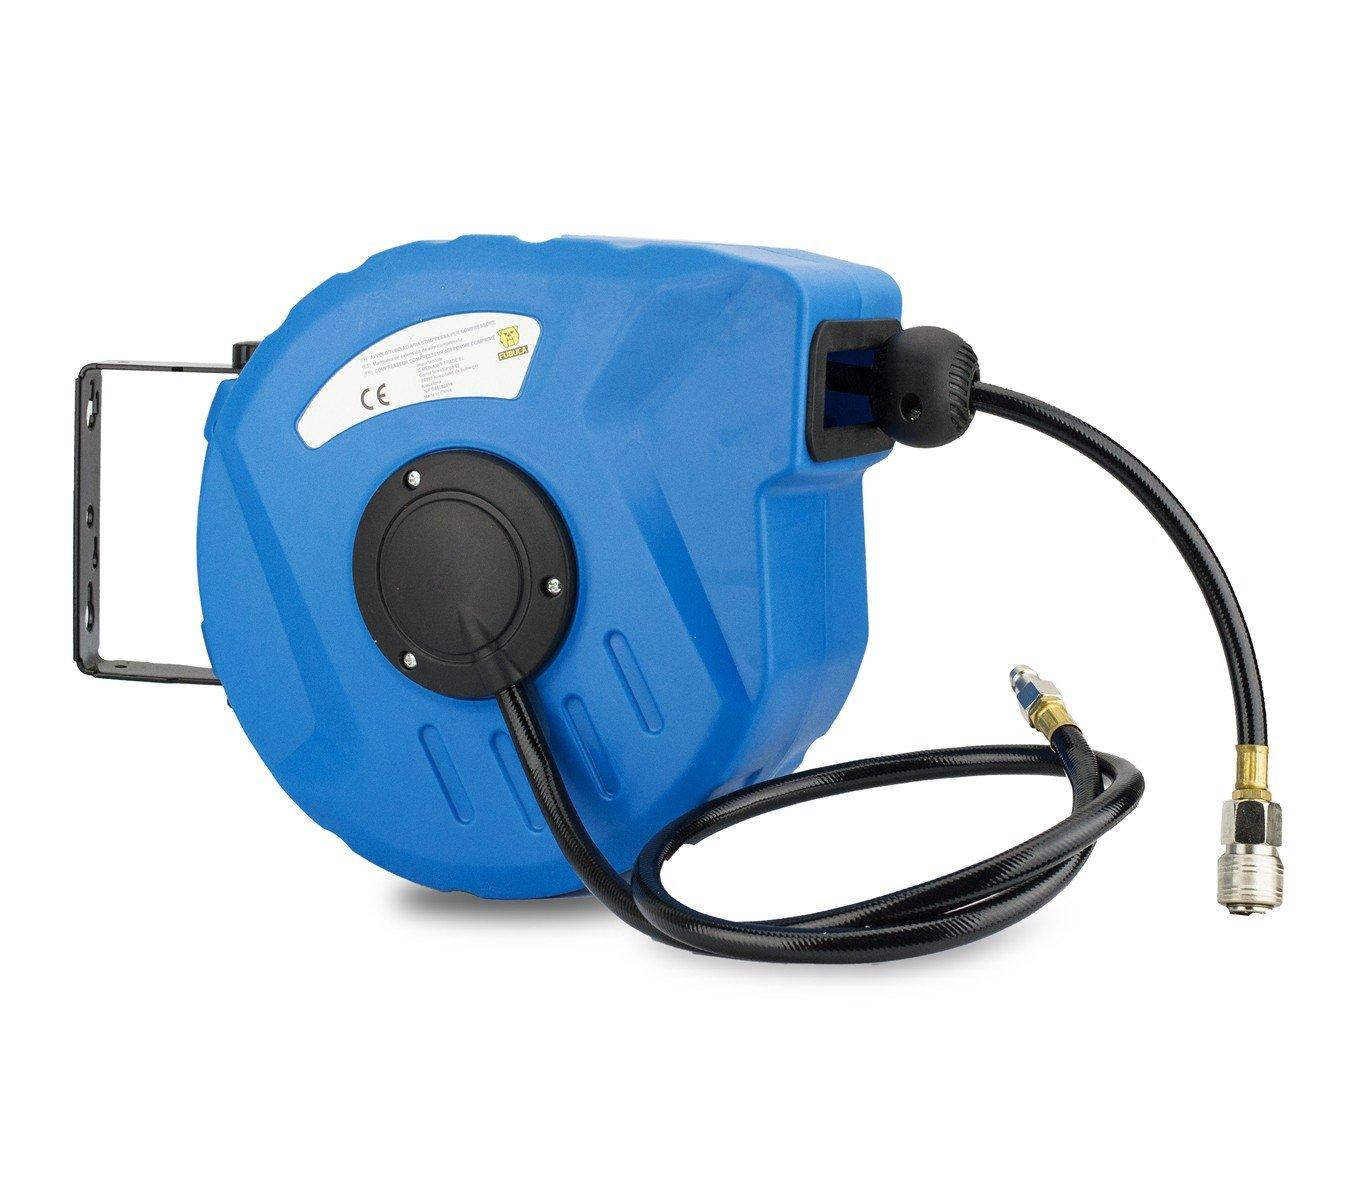 4508 Bobina de manguera de aire comprimido FOBUCA compresi/ón aire//agua 9MT